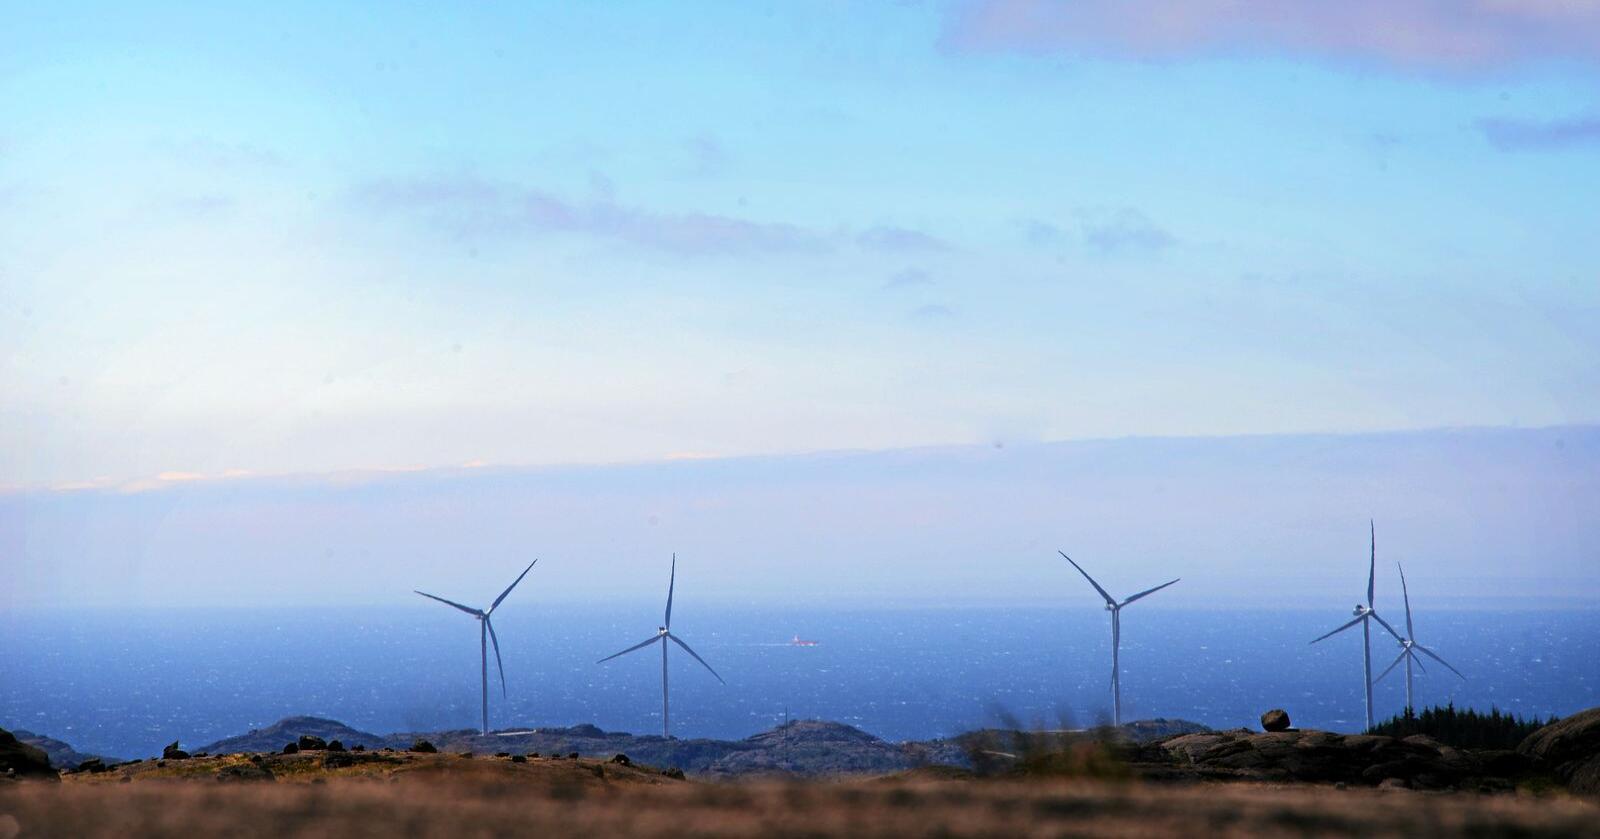 Flere kommuner føler seg nå overkjørt av statlige myndigheter i vindkraftsaker. Foto: Siri Juell Rasmussen